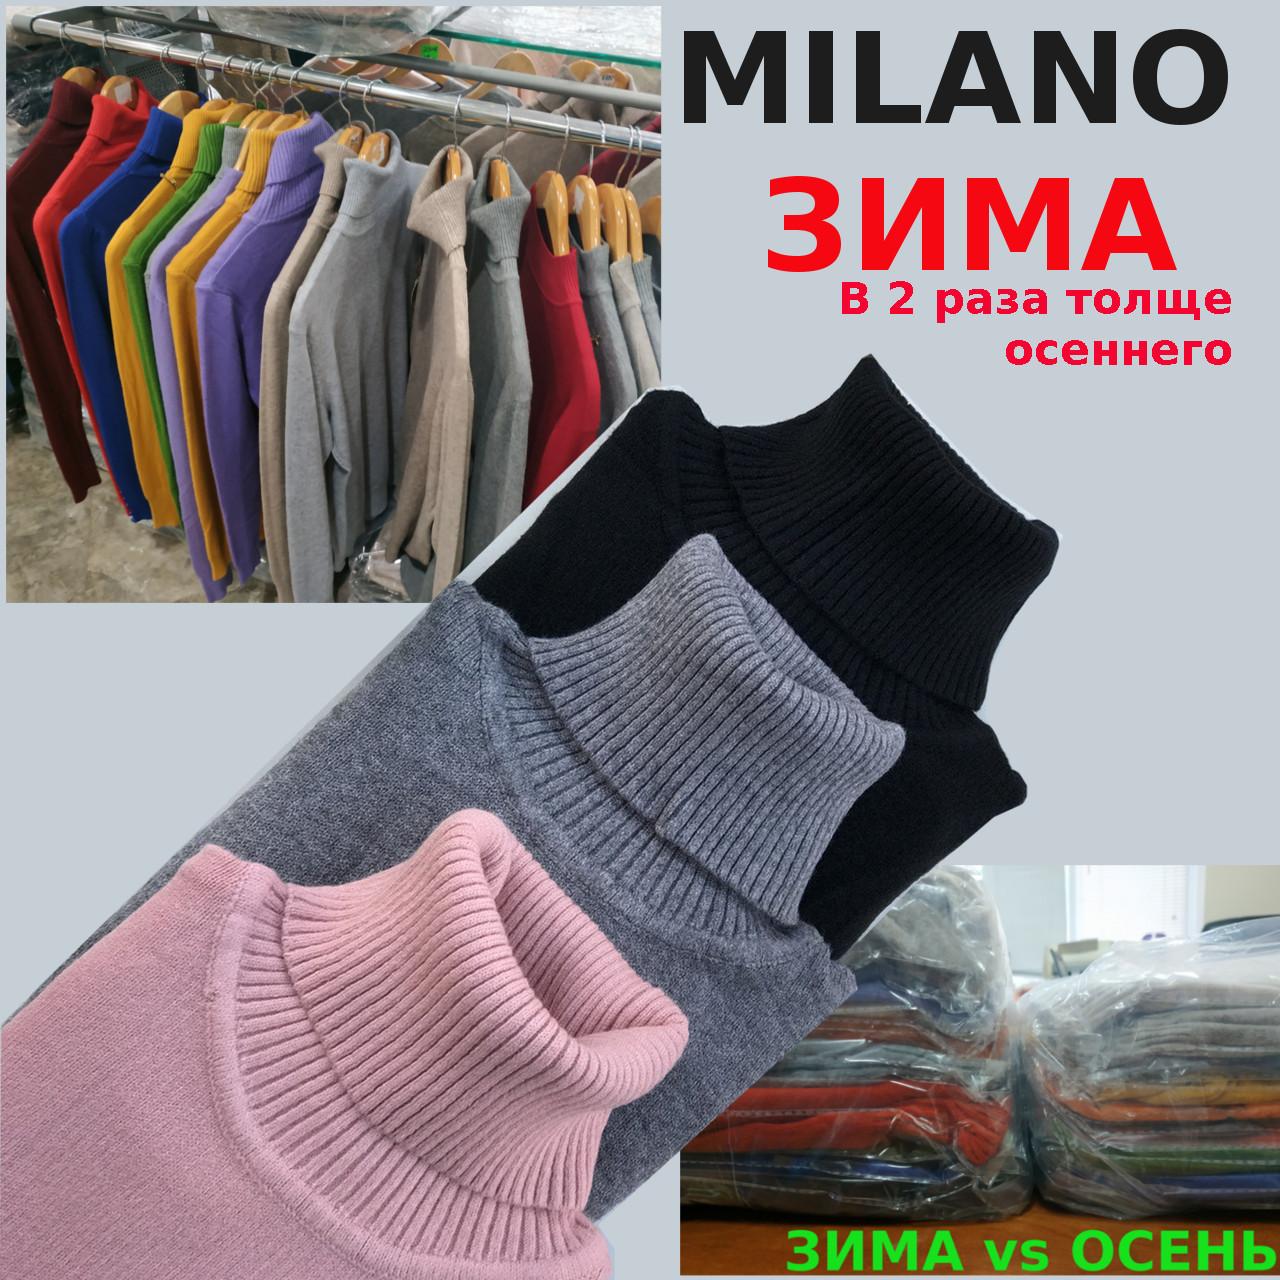 Гольф зима Милано гольфик  Водолазка очень теплый размер С-М и Л-ХЛ Milano Zone